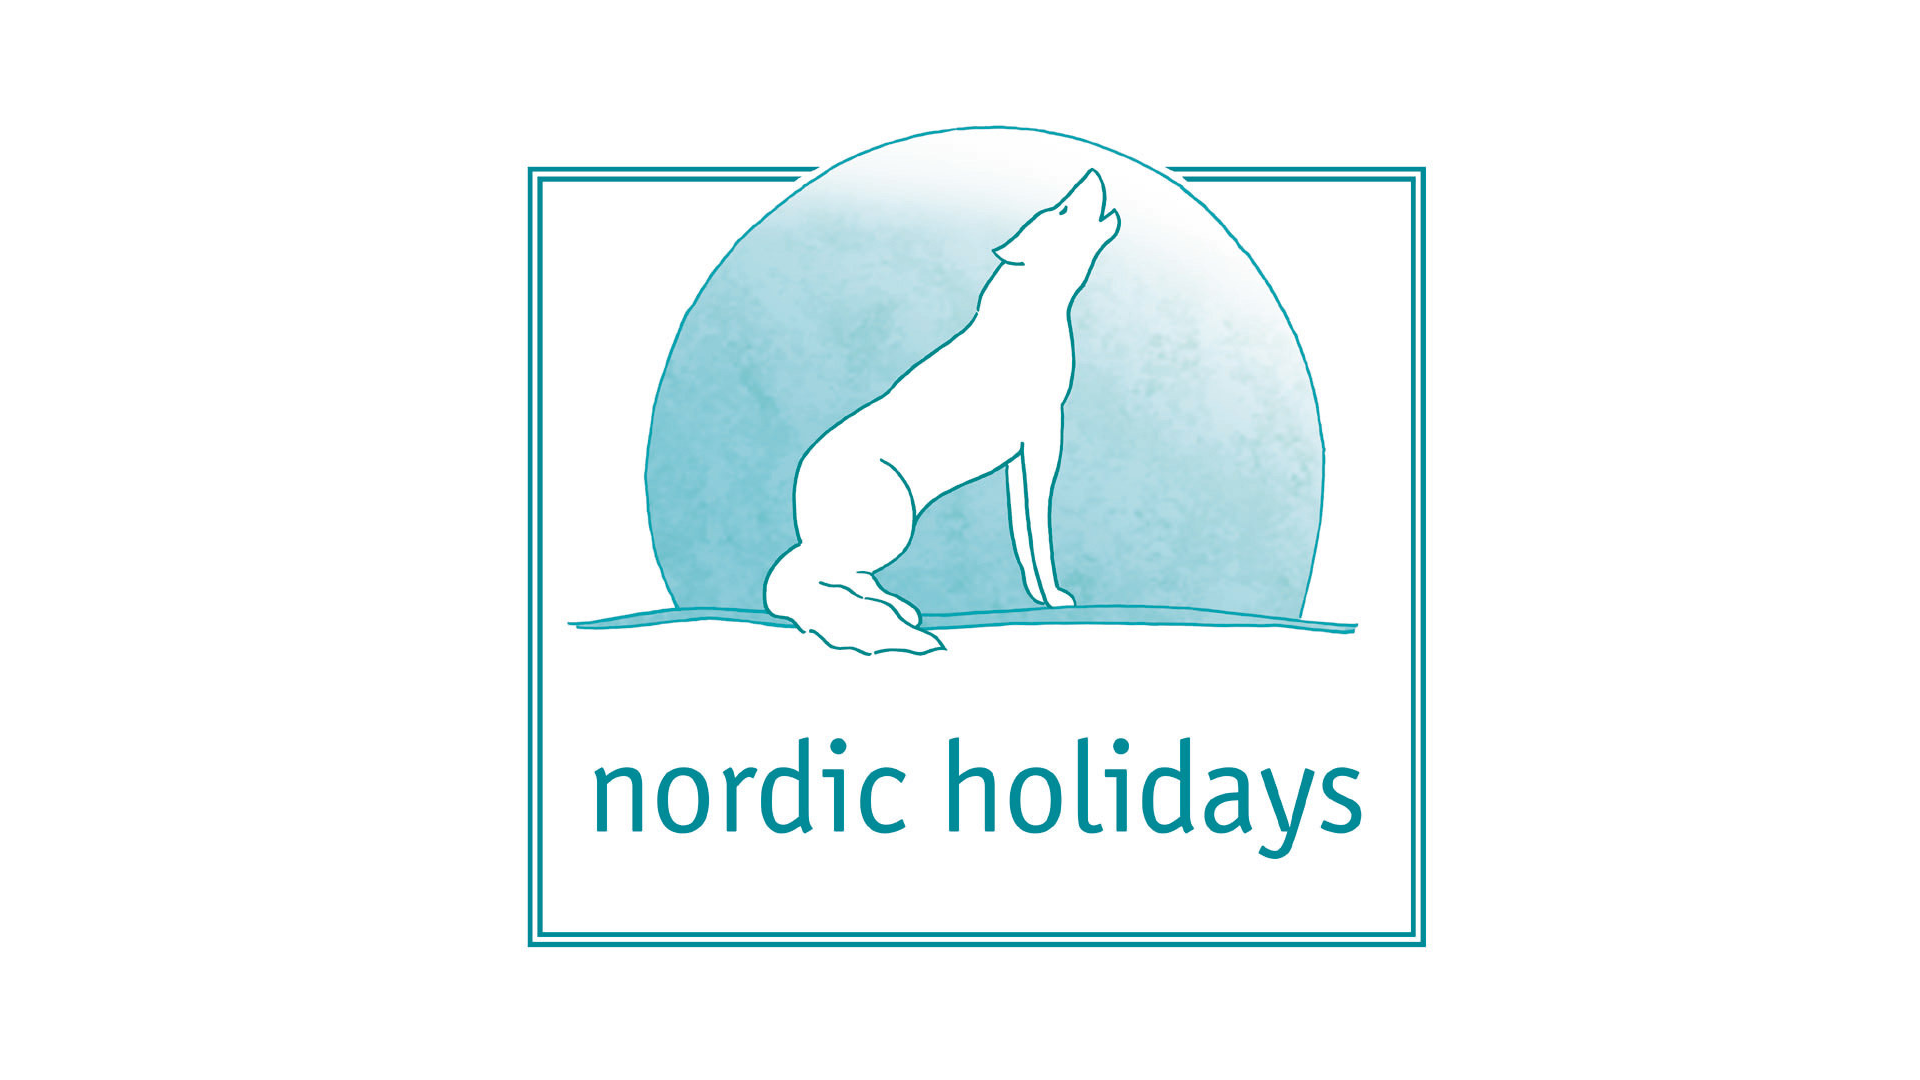 nordicholidays-logo-w2